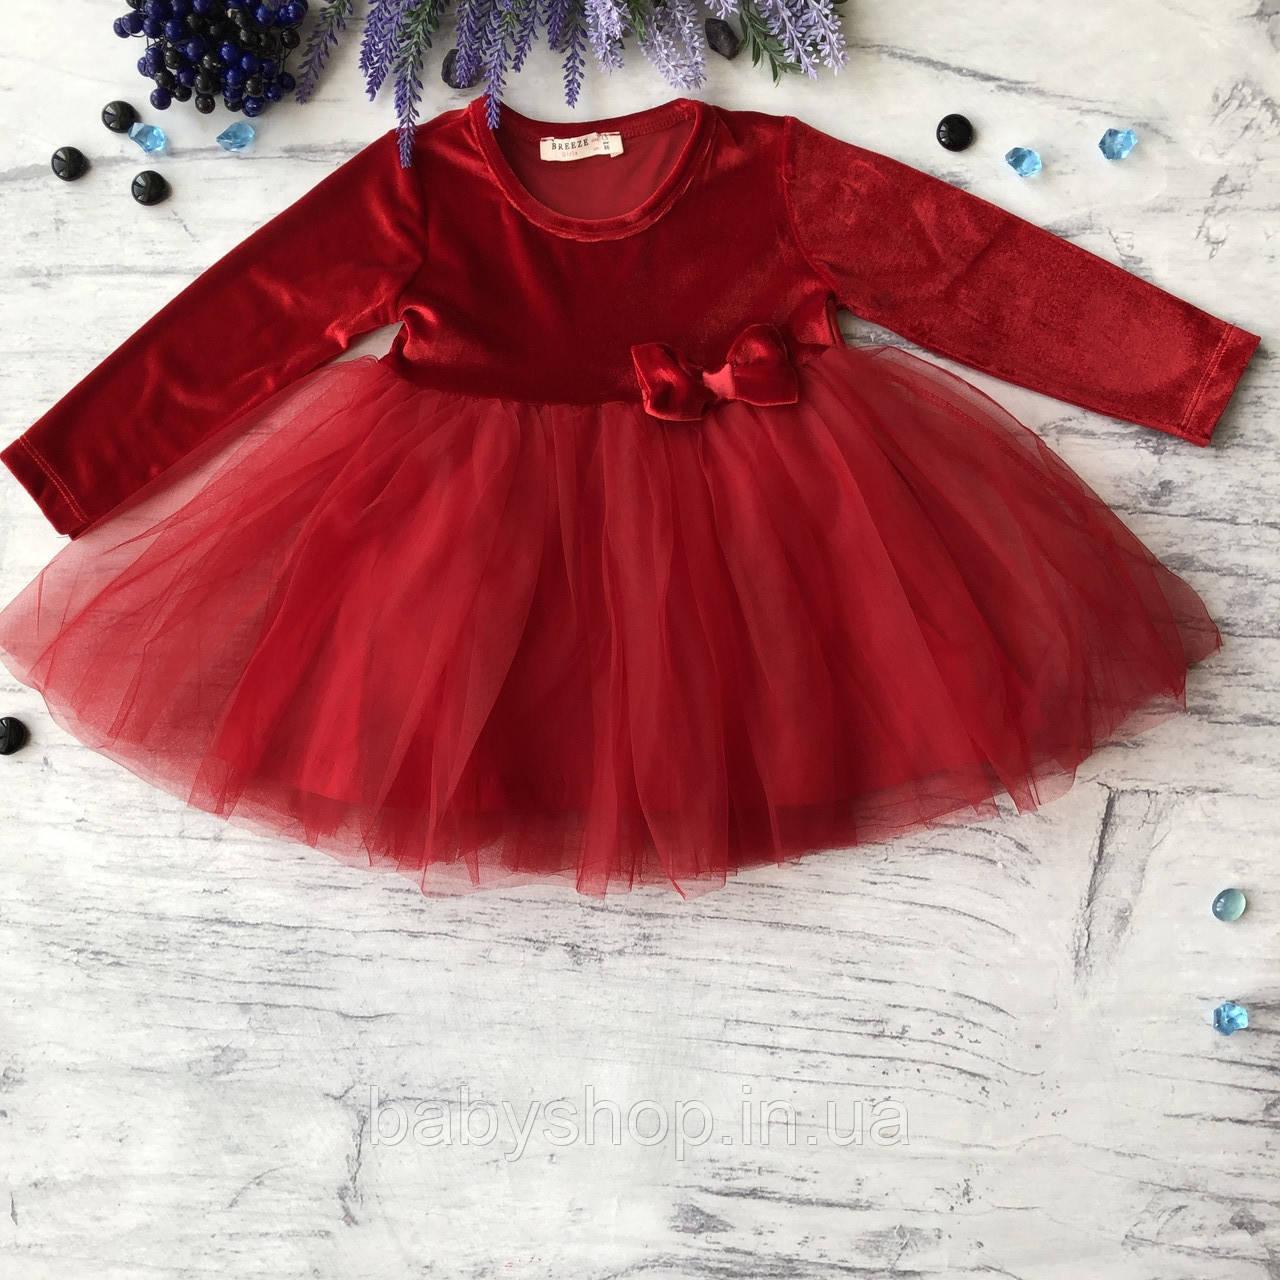 Красное пышное платье на девочку Breeze 178 . Размер 110 см, 116 см,  134 см